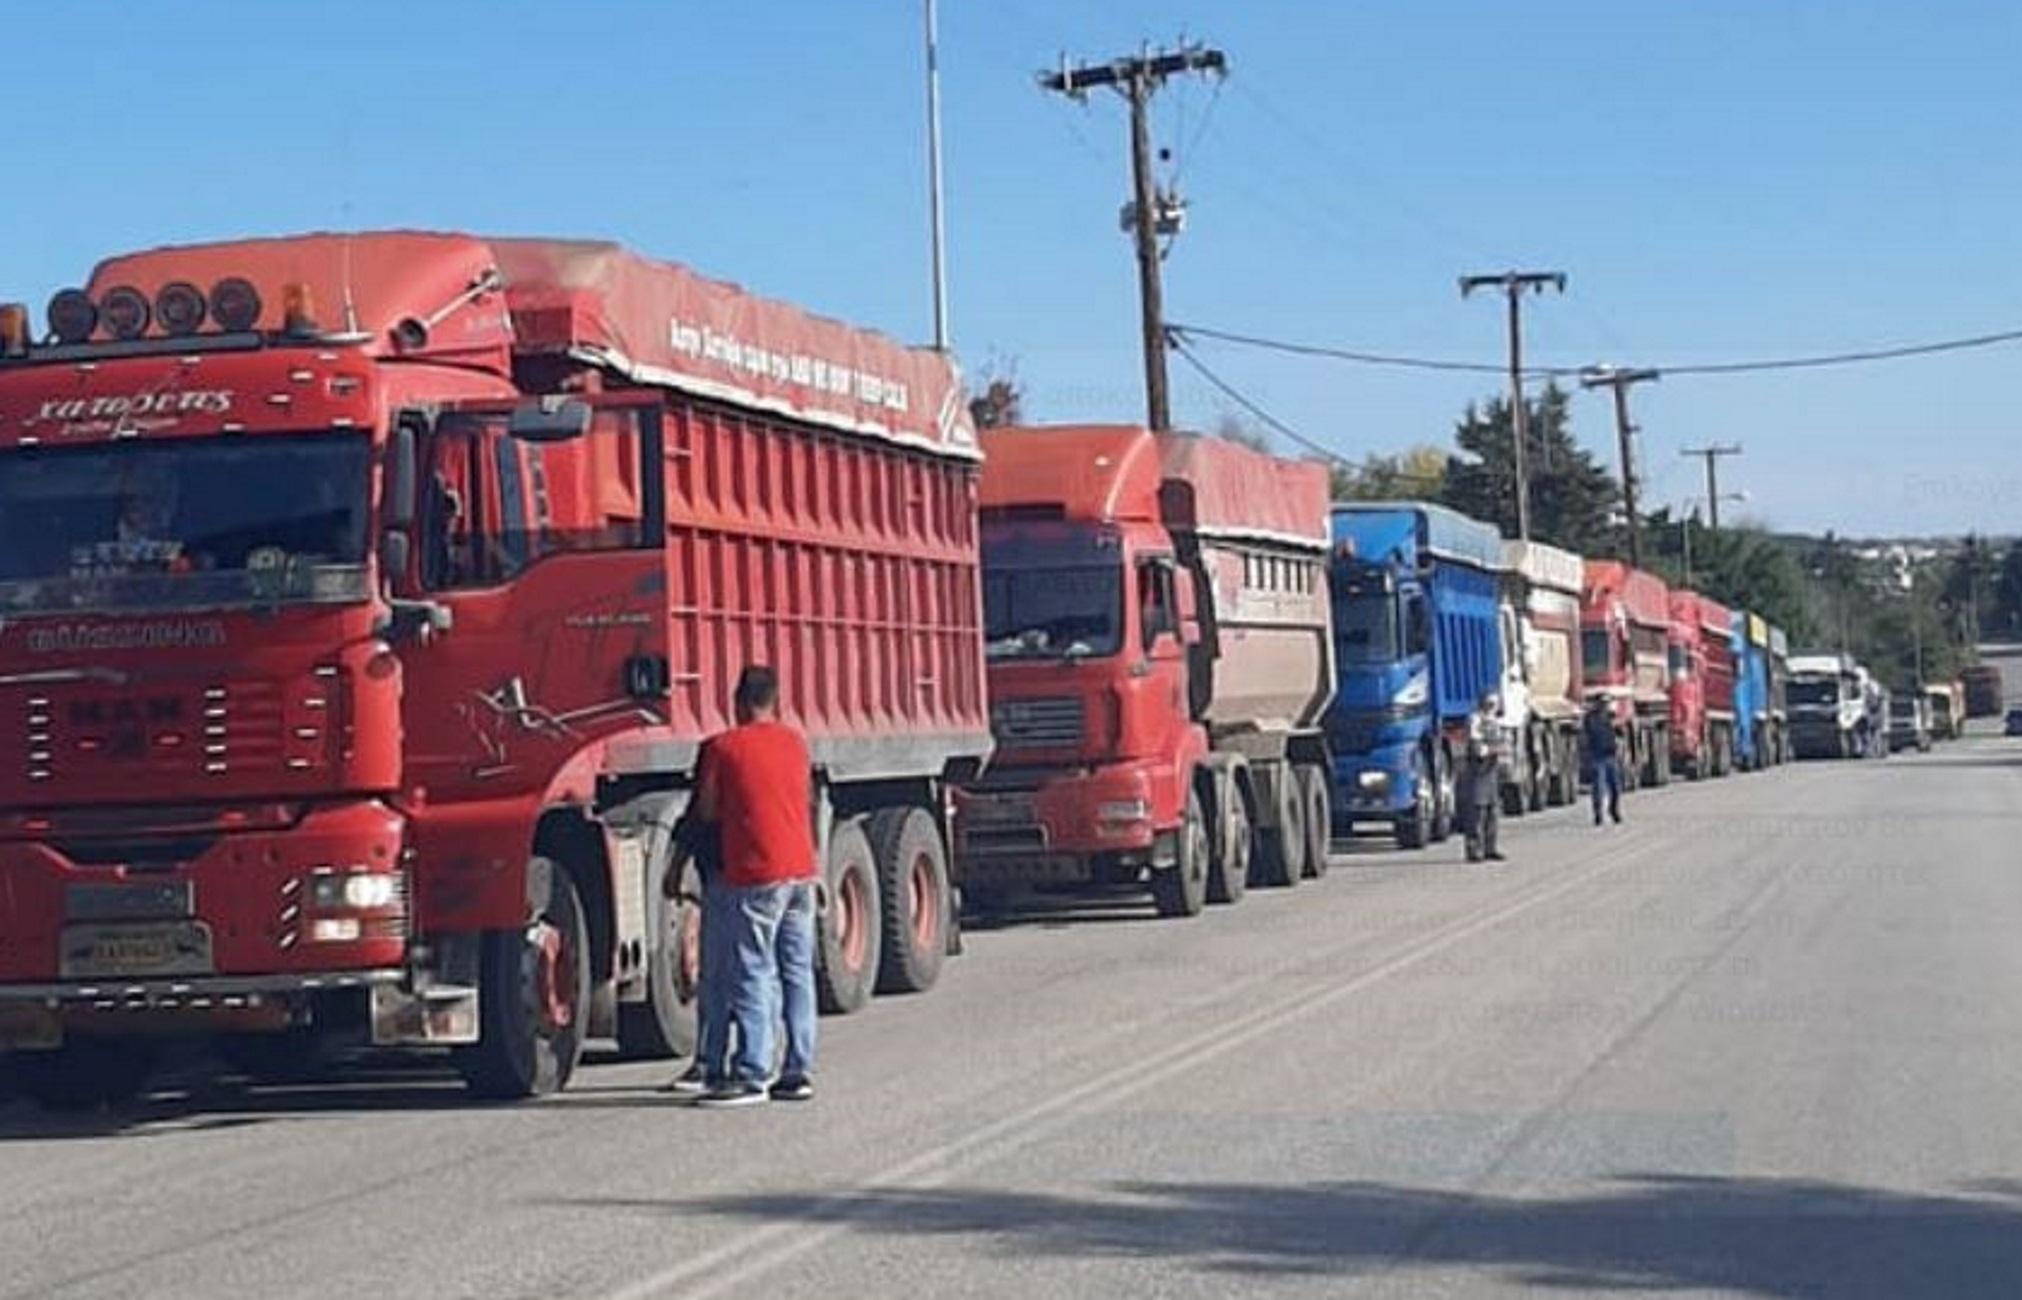 """Κοζάνη: Κομβόι 50 φορτηγών στο δρόμο για την Περιφέρεια! """"Μένουμε χωρίς δουλειά την πιο δύσκολη εποχή"""" (Βίντεο)"""